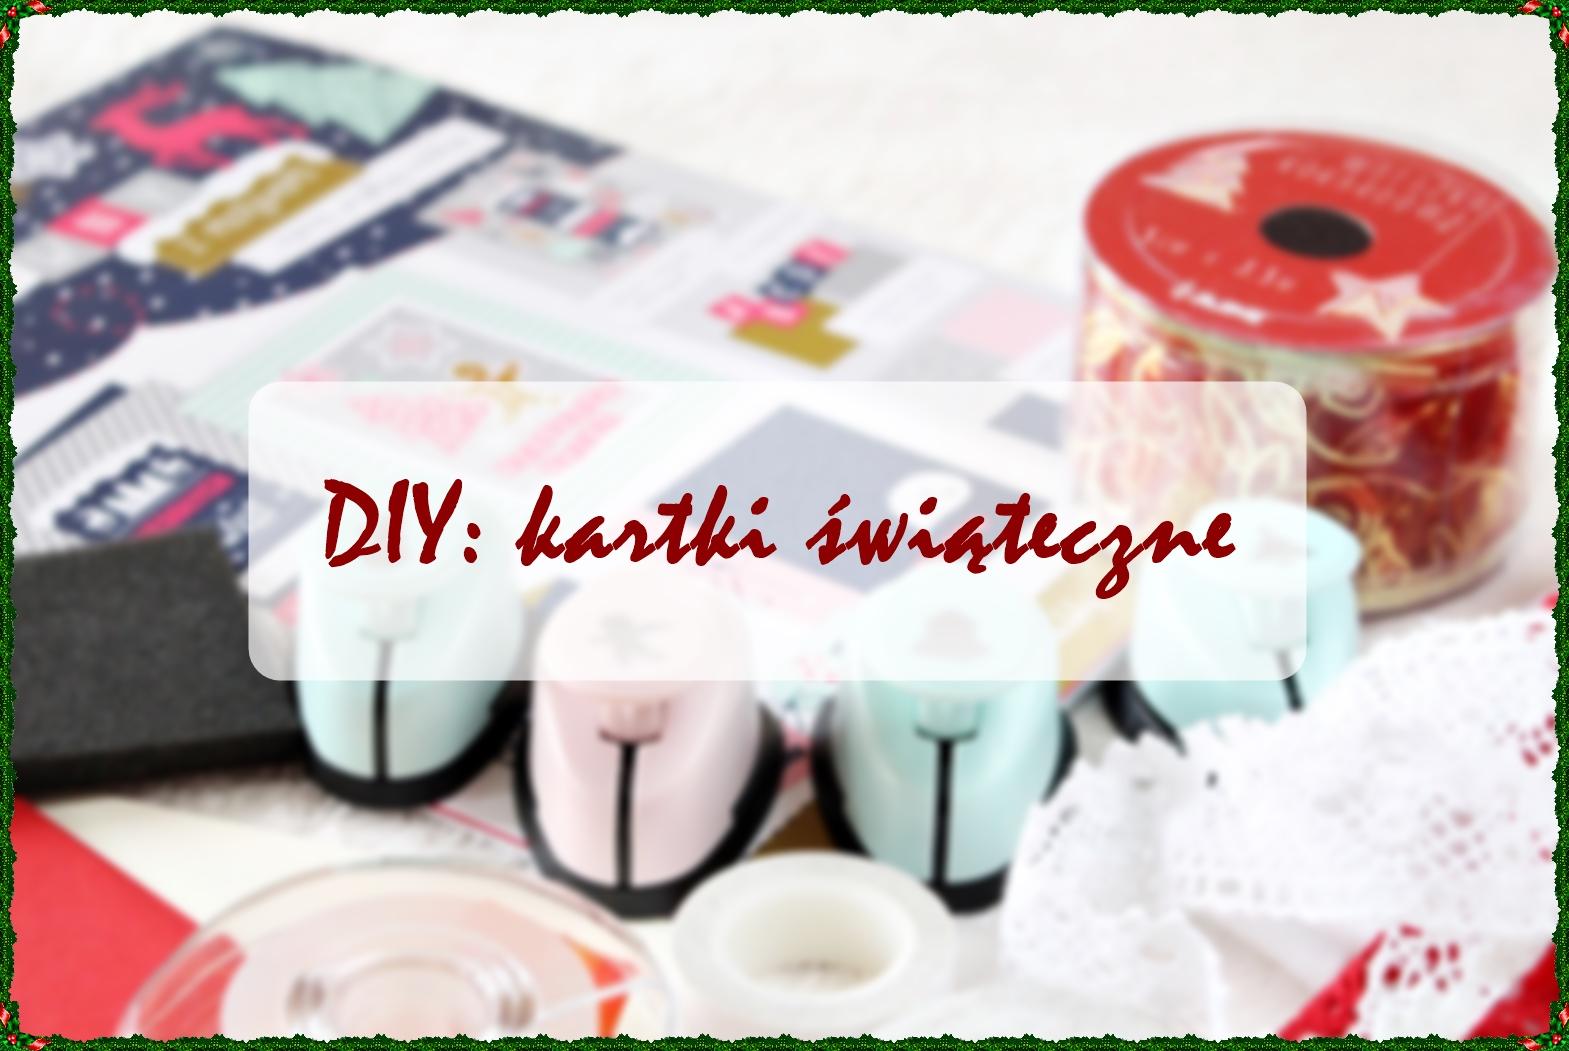 blogmas_kartki_świąteczne_diy